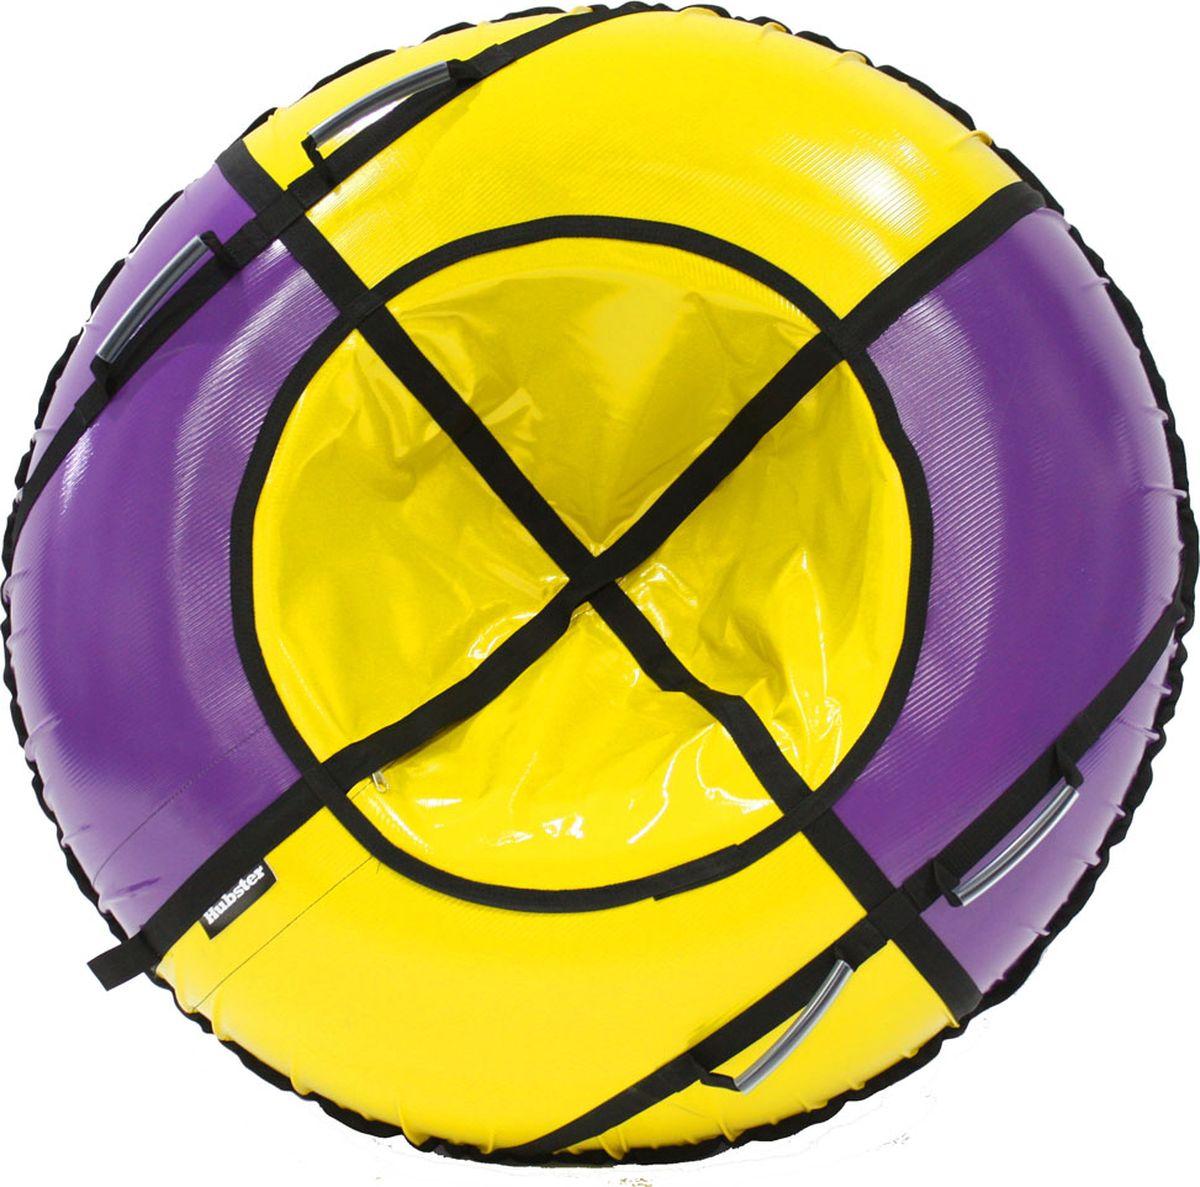 Тюбинг Hubster Sport Plus, цвет: фиолетовый, желтый, диаметр 120 смво4186-2Любимая детская зимняя забава - это кататься с горки. А катание на тюбинге надолго запомнится вам и вашим близким. Свежий воздух, веселая компания, веселые развлечения - эти моменты вы будете вспоминать еще долгое время. Материал верха - ПВХ армированный, плотность 650 г/м .Материал дна - ПВХ (усиленная скользкая ткань), плотность 650 г/м.Диаметр в сдутом виде - 120 см.Диаметр в надутом виде - 109 см.Ручки усиленные (нашиты на дополнительную стропу)Кол-во ручек - 4 шт. Молния скрытая, на сиденье.Крепление троса - наружная петля.Длина троса - 1 метр.Нагрузка - до 150 кг.Комплект поставки - ватрушка, трос, камера.Тюбинг не предназначен для буксировки механическими или транспортными средствами (подъемники, канатные дороги, лебедки, автомобиль, снегоход, квадроцикл и т.д.)